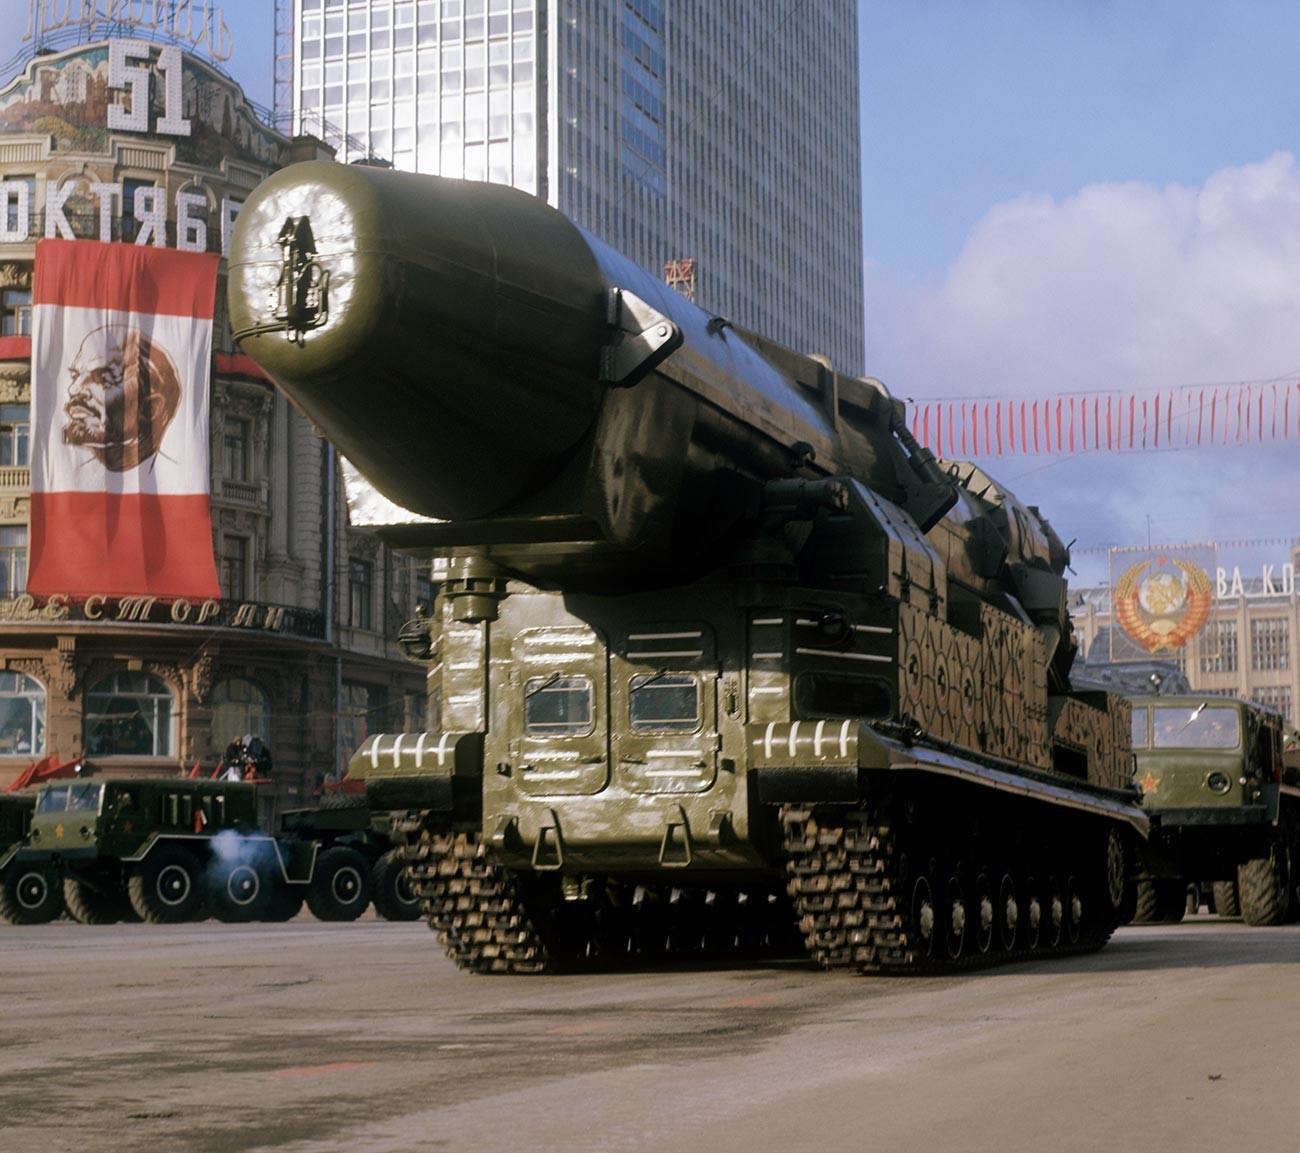 Балистички ракети пред почетокот на воената парада по повод 51-годишнината од Октомвриската револуција.